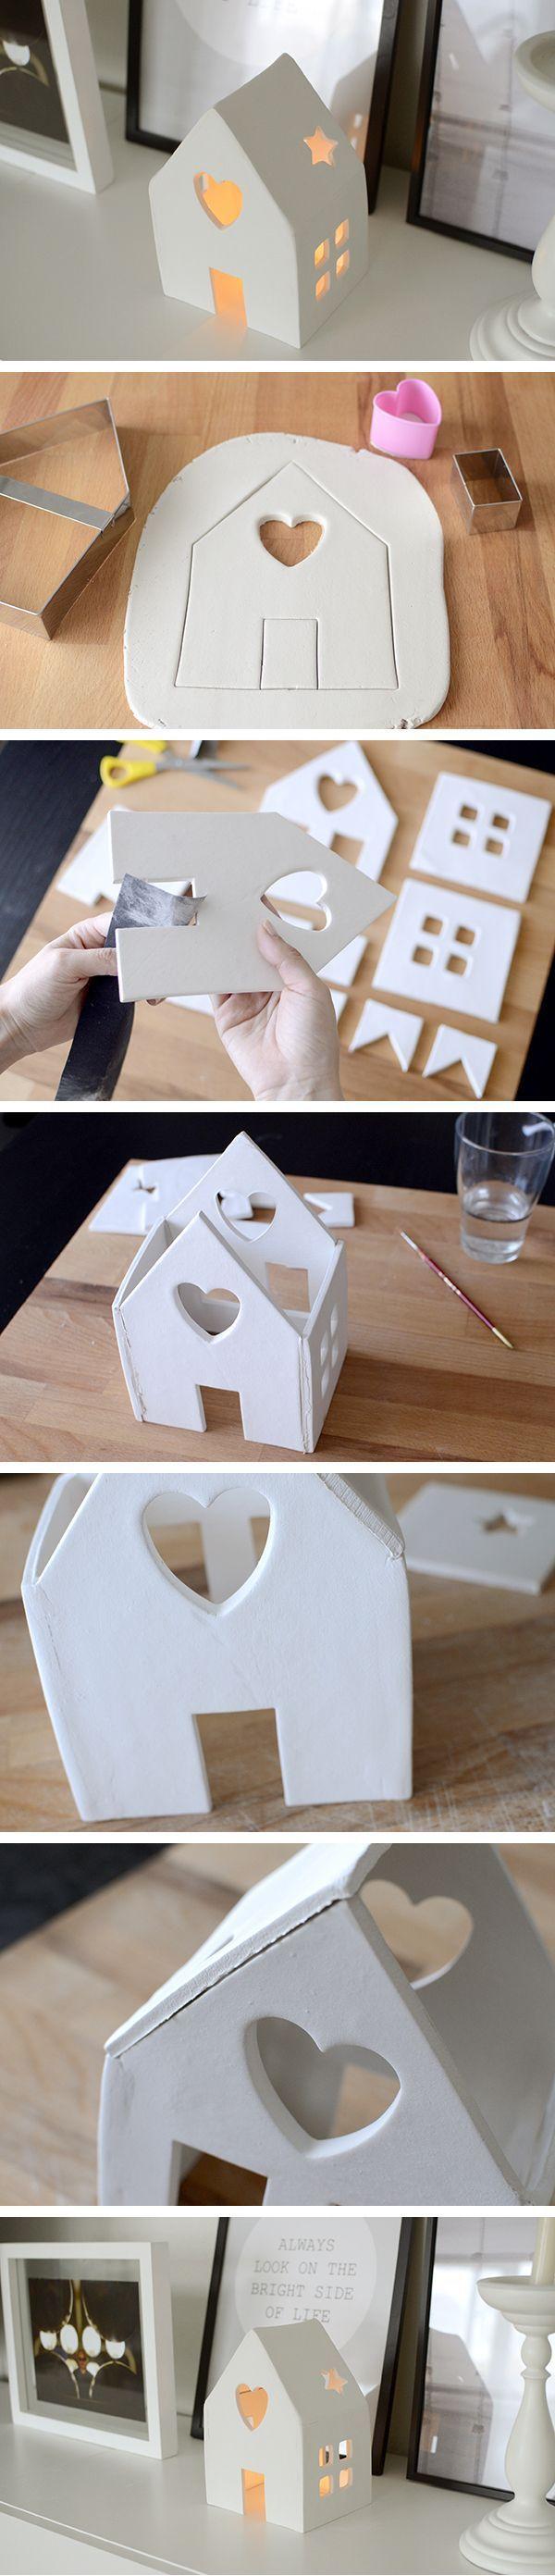 Στο καταπληκτικό blogΑνεράιδα είδαμε πως να κατασκευάσετε σπιτάκια από πηλό    Για να τα φτιάξουμε θα χρειαστούμε:        * αυτοξηραινόμενο πηλό        * χρώματα ακρυλικά    * σύρμα και χαντρούλες για την καμινάδα    * ένα κουτί από γάλα ή χυμό ή μπισκότα κλπ. για